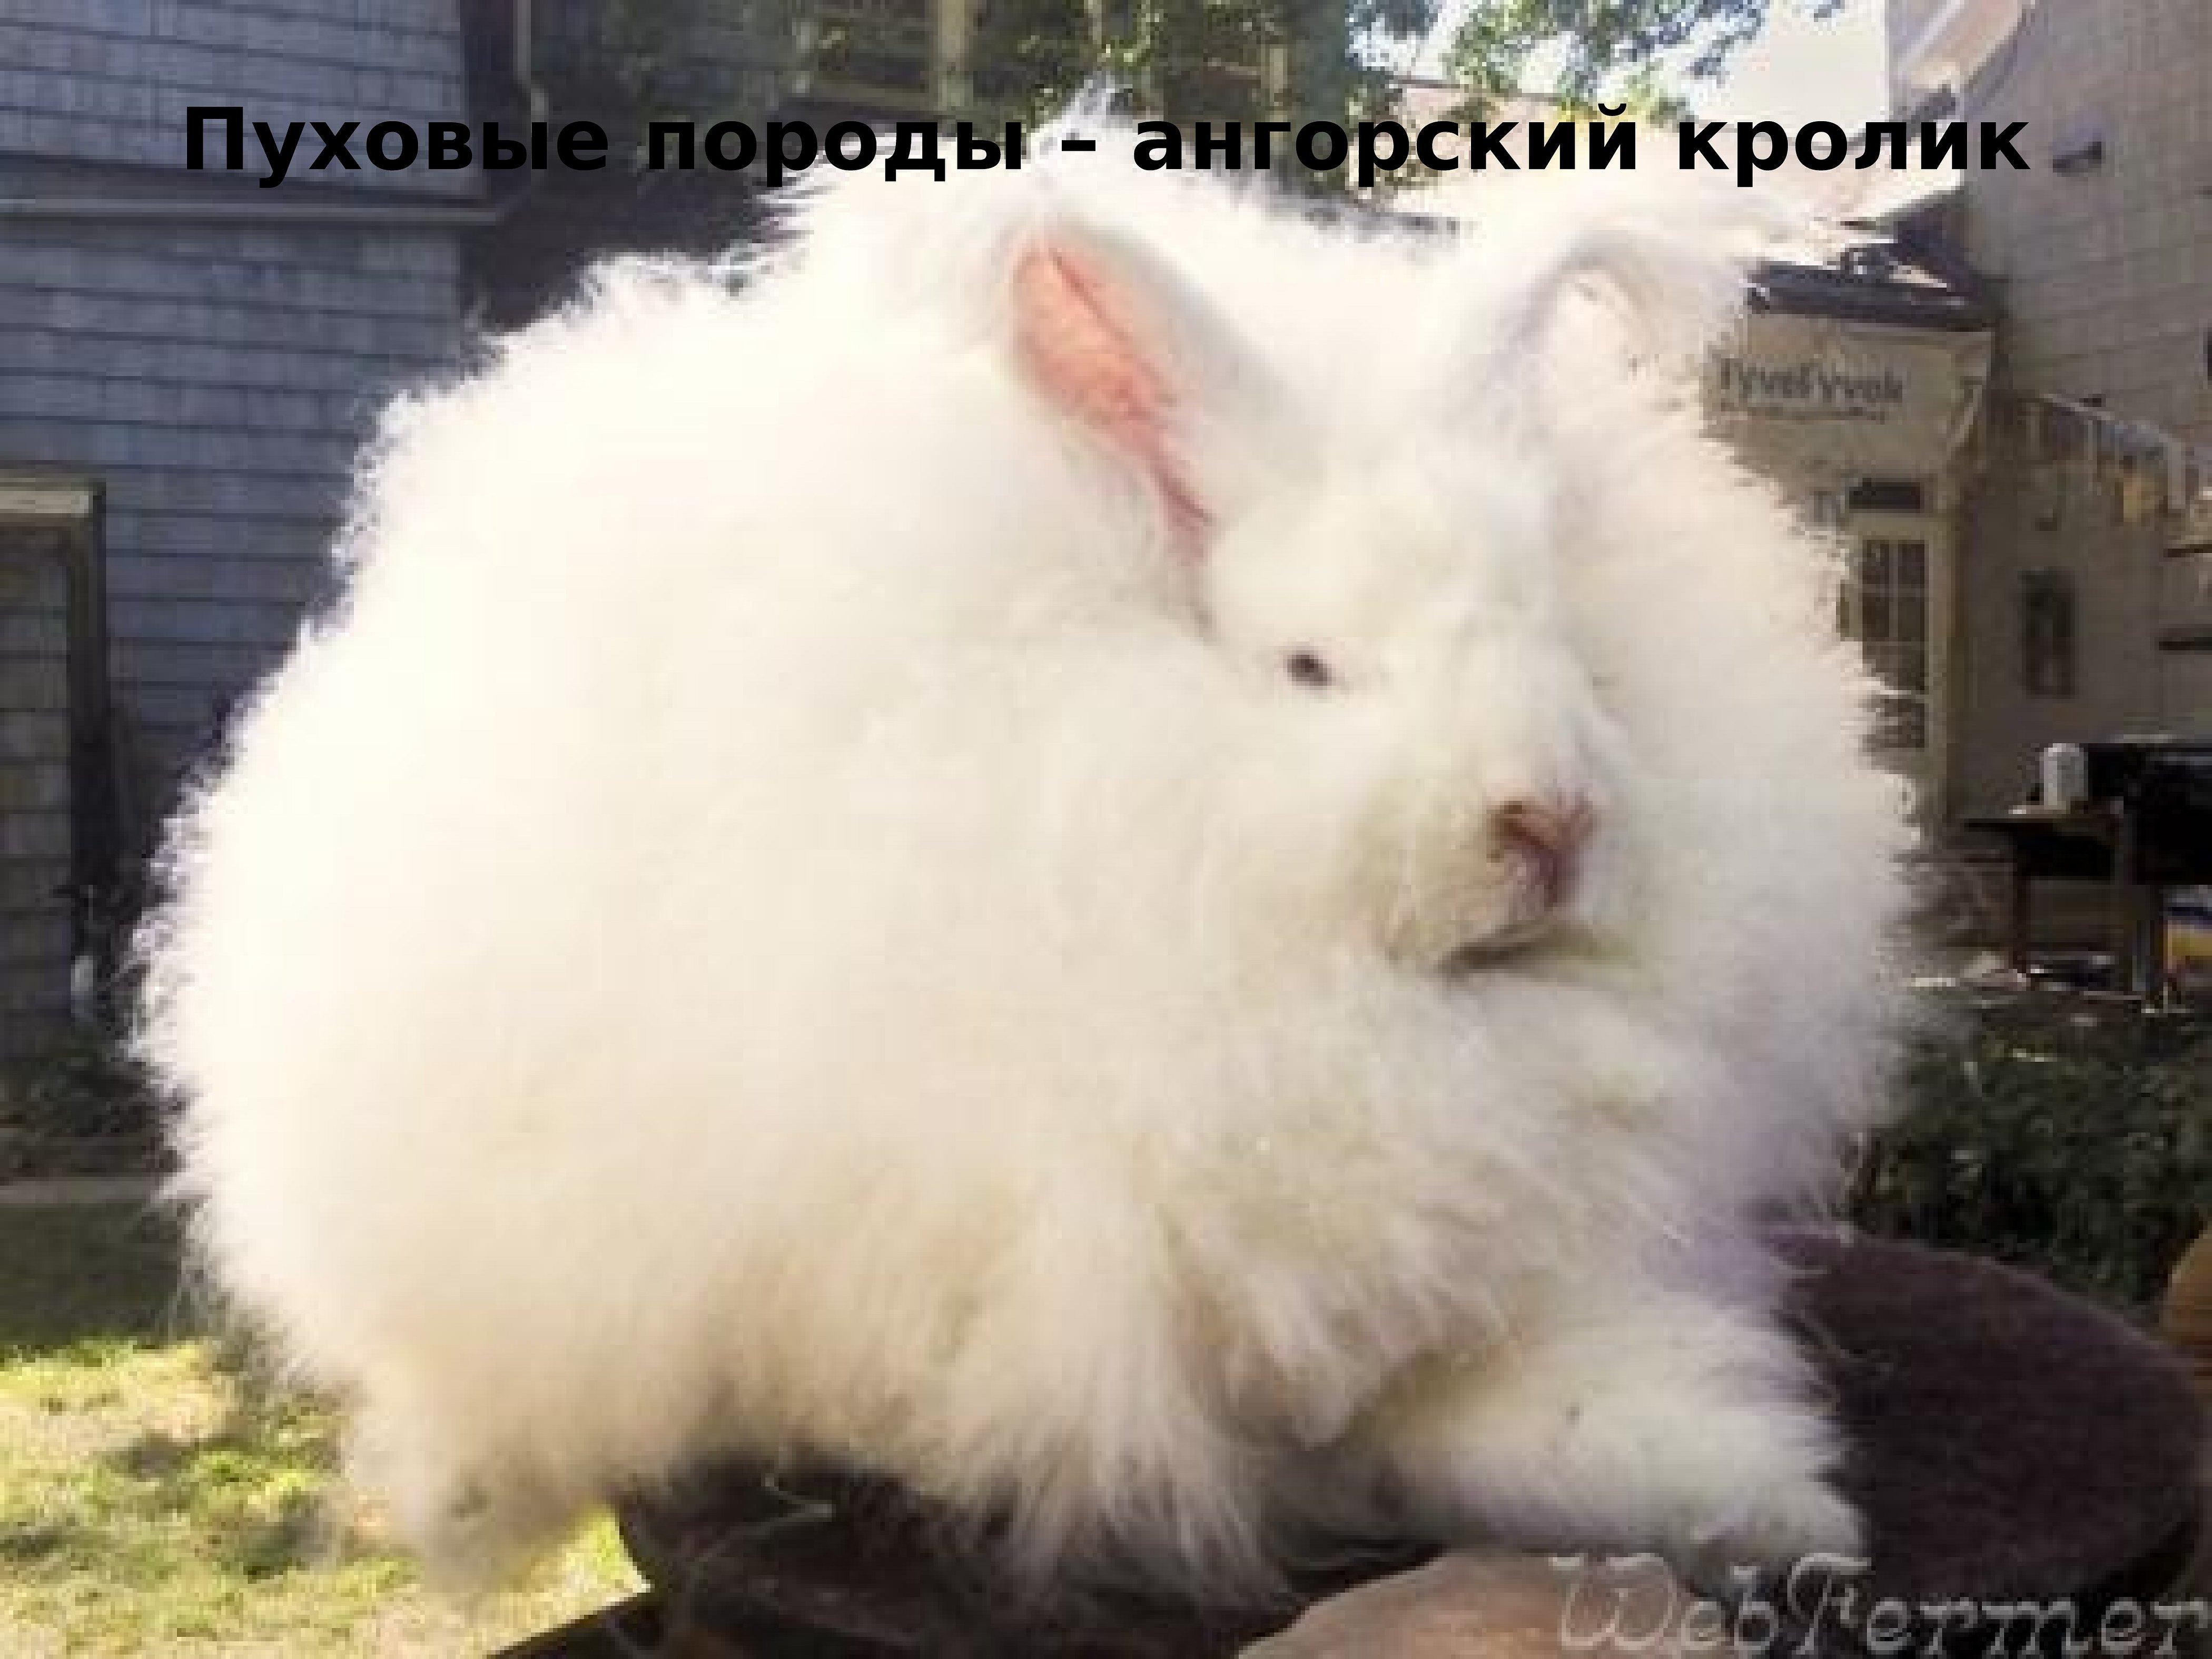 Ангорский пуховой кролик